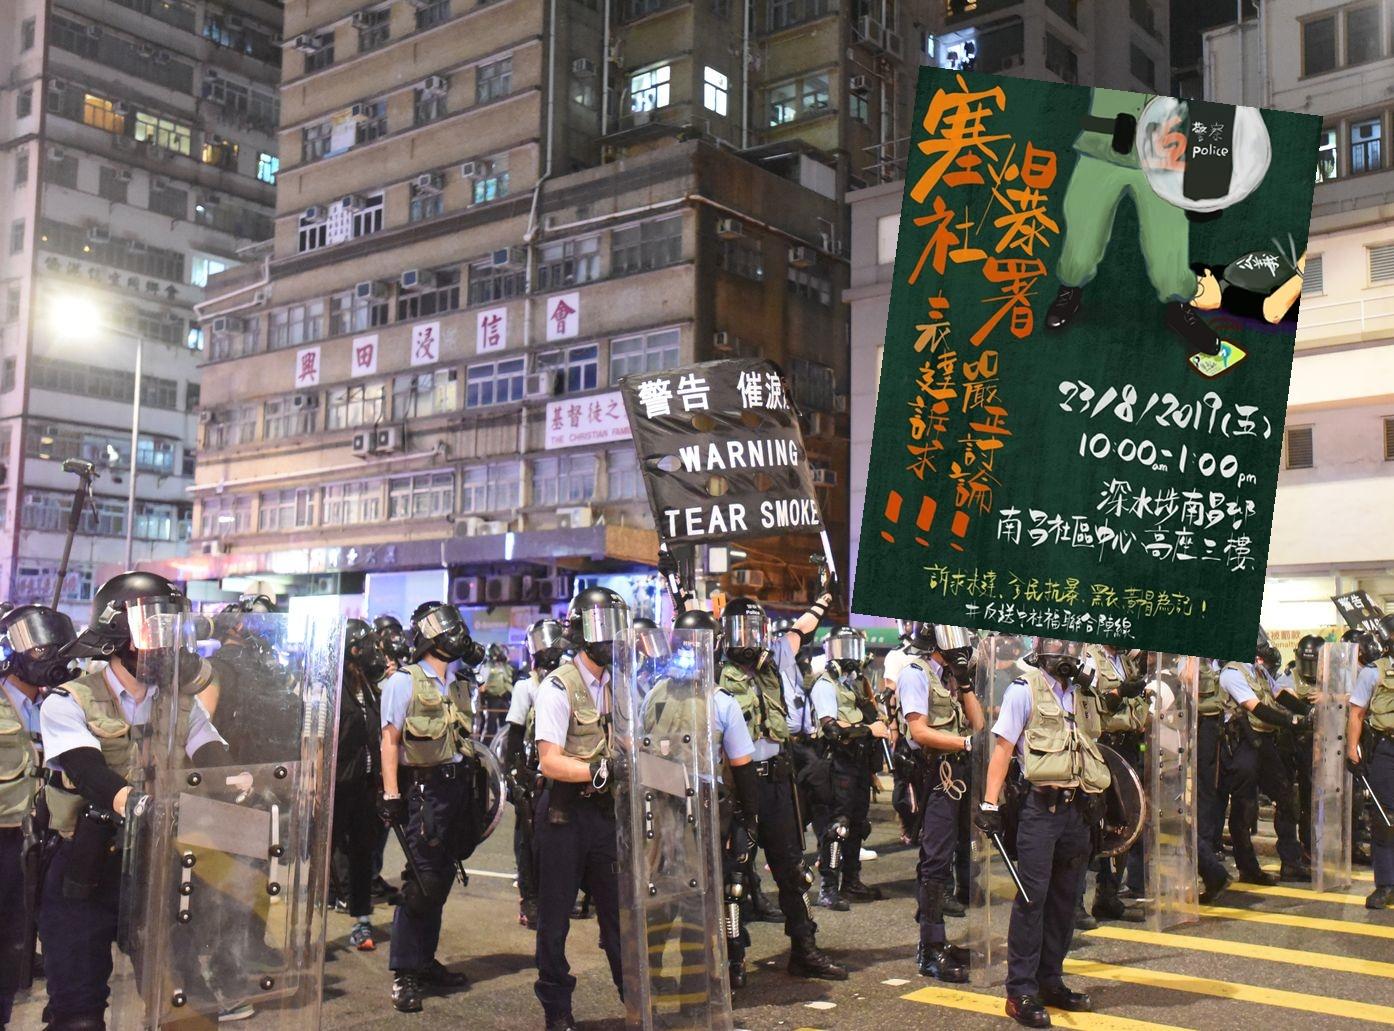 資料圖片/香港社會工作者總工會FB圖片